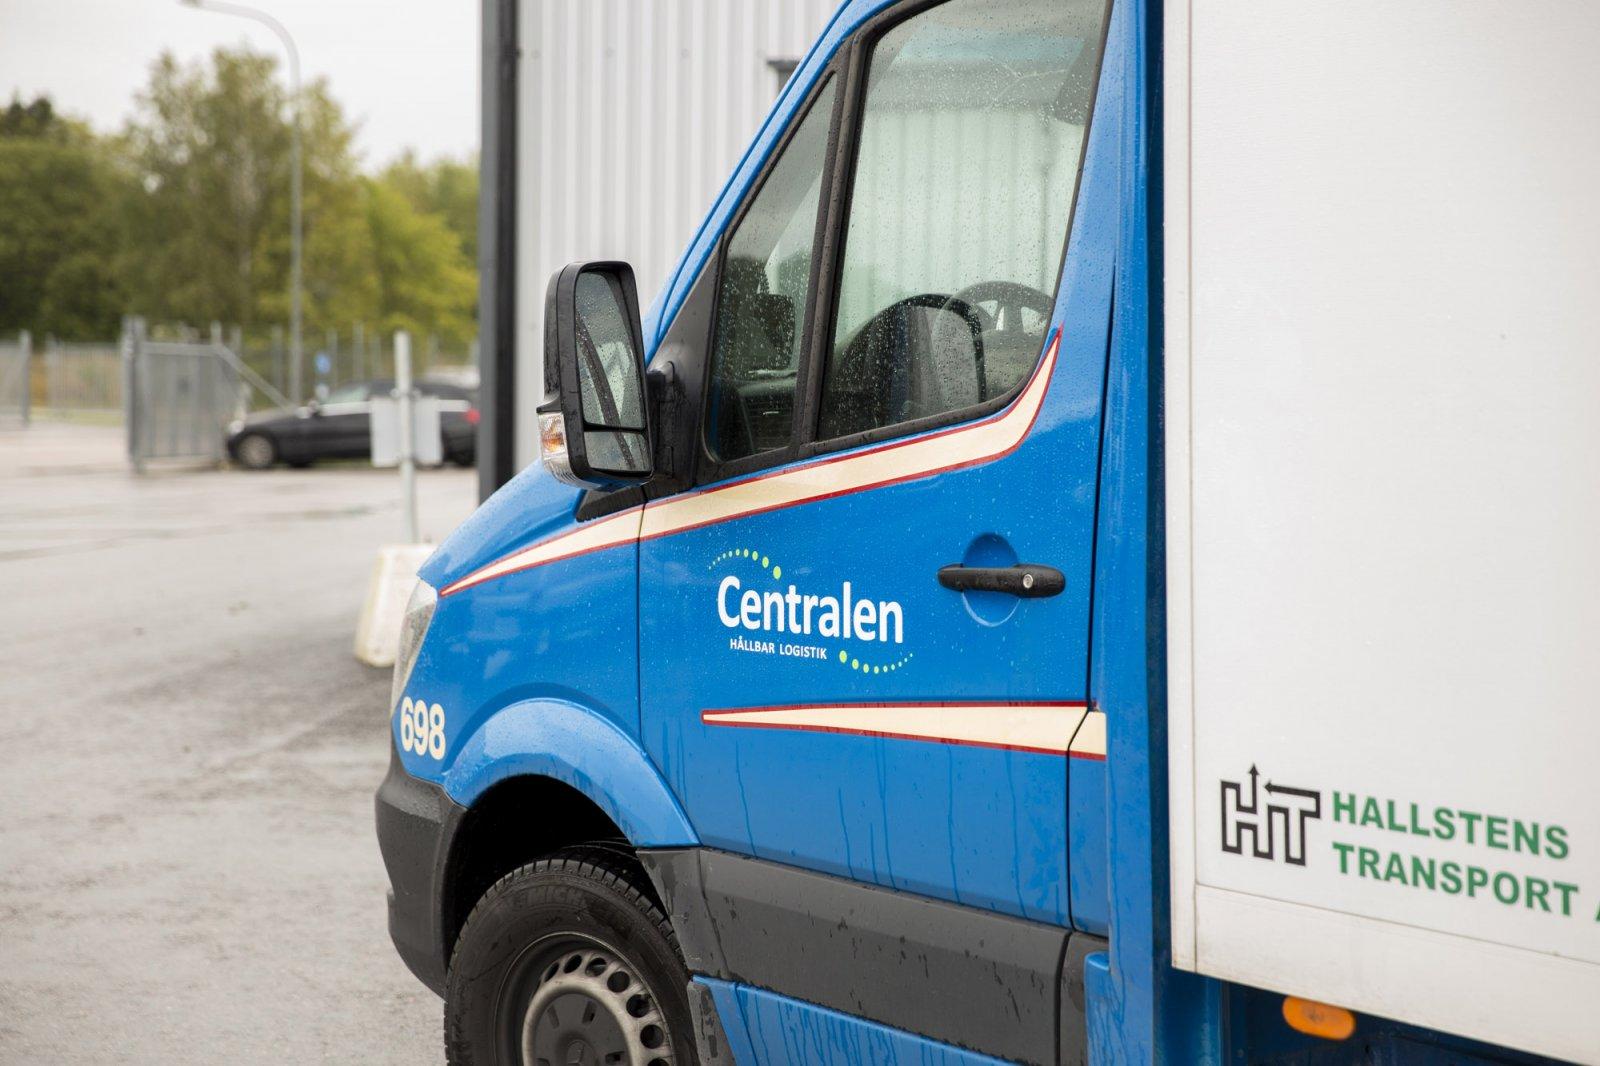 Flera uppdrag går genom Lastbilscentralen Tvåstad, där Hallstens Transport är delägare.